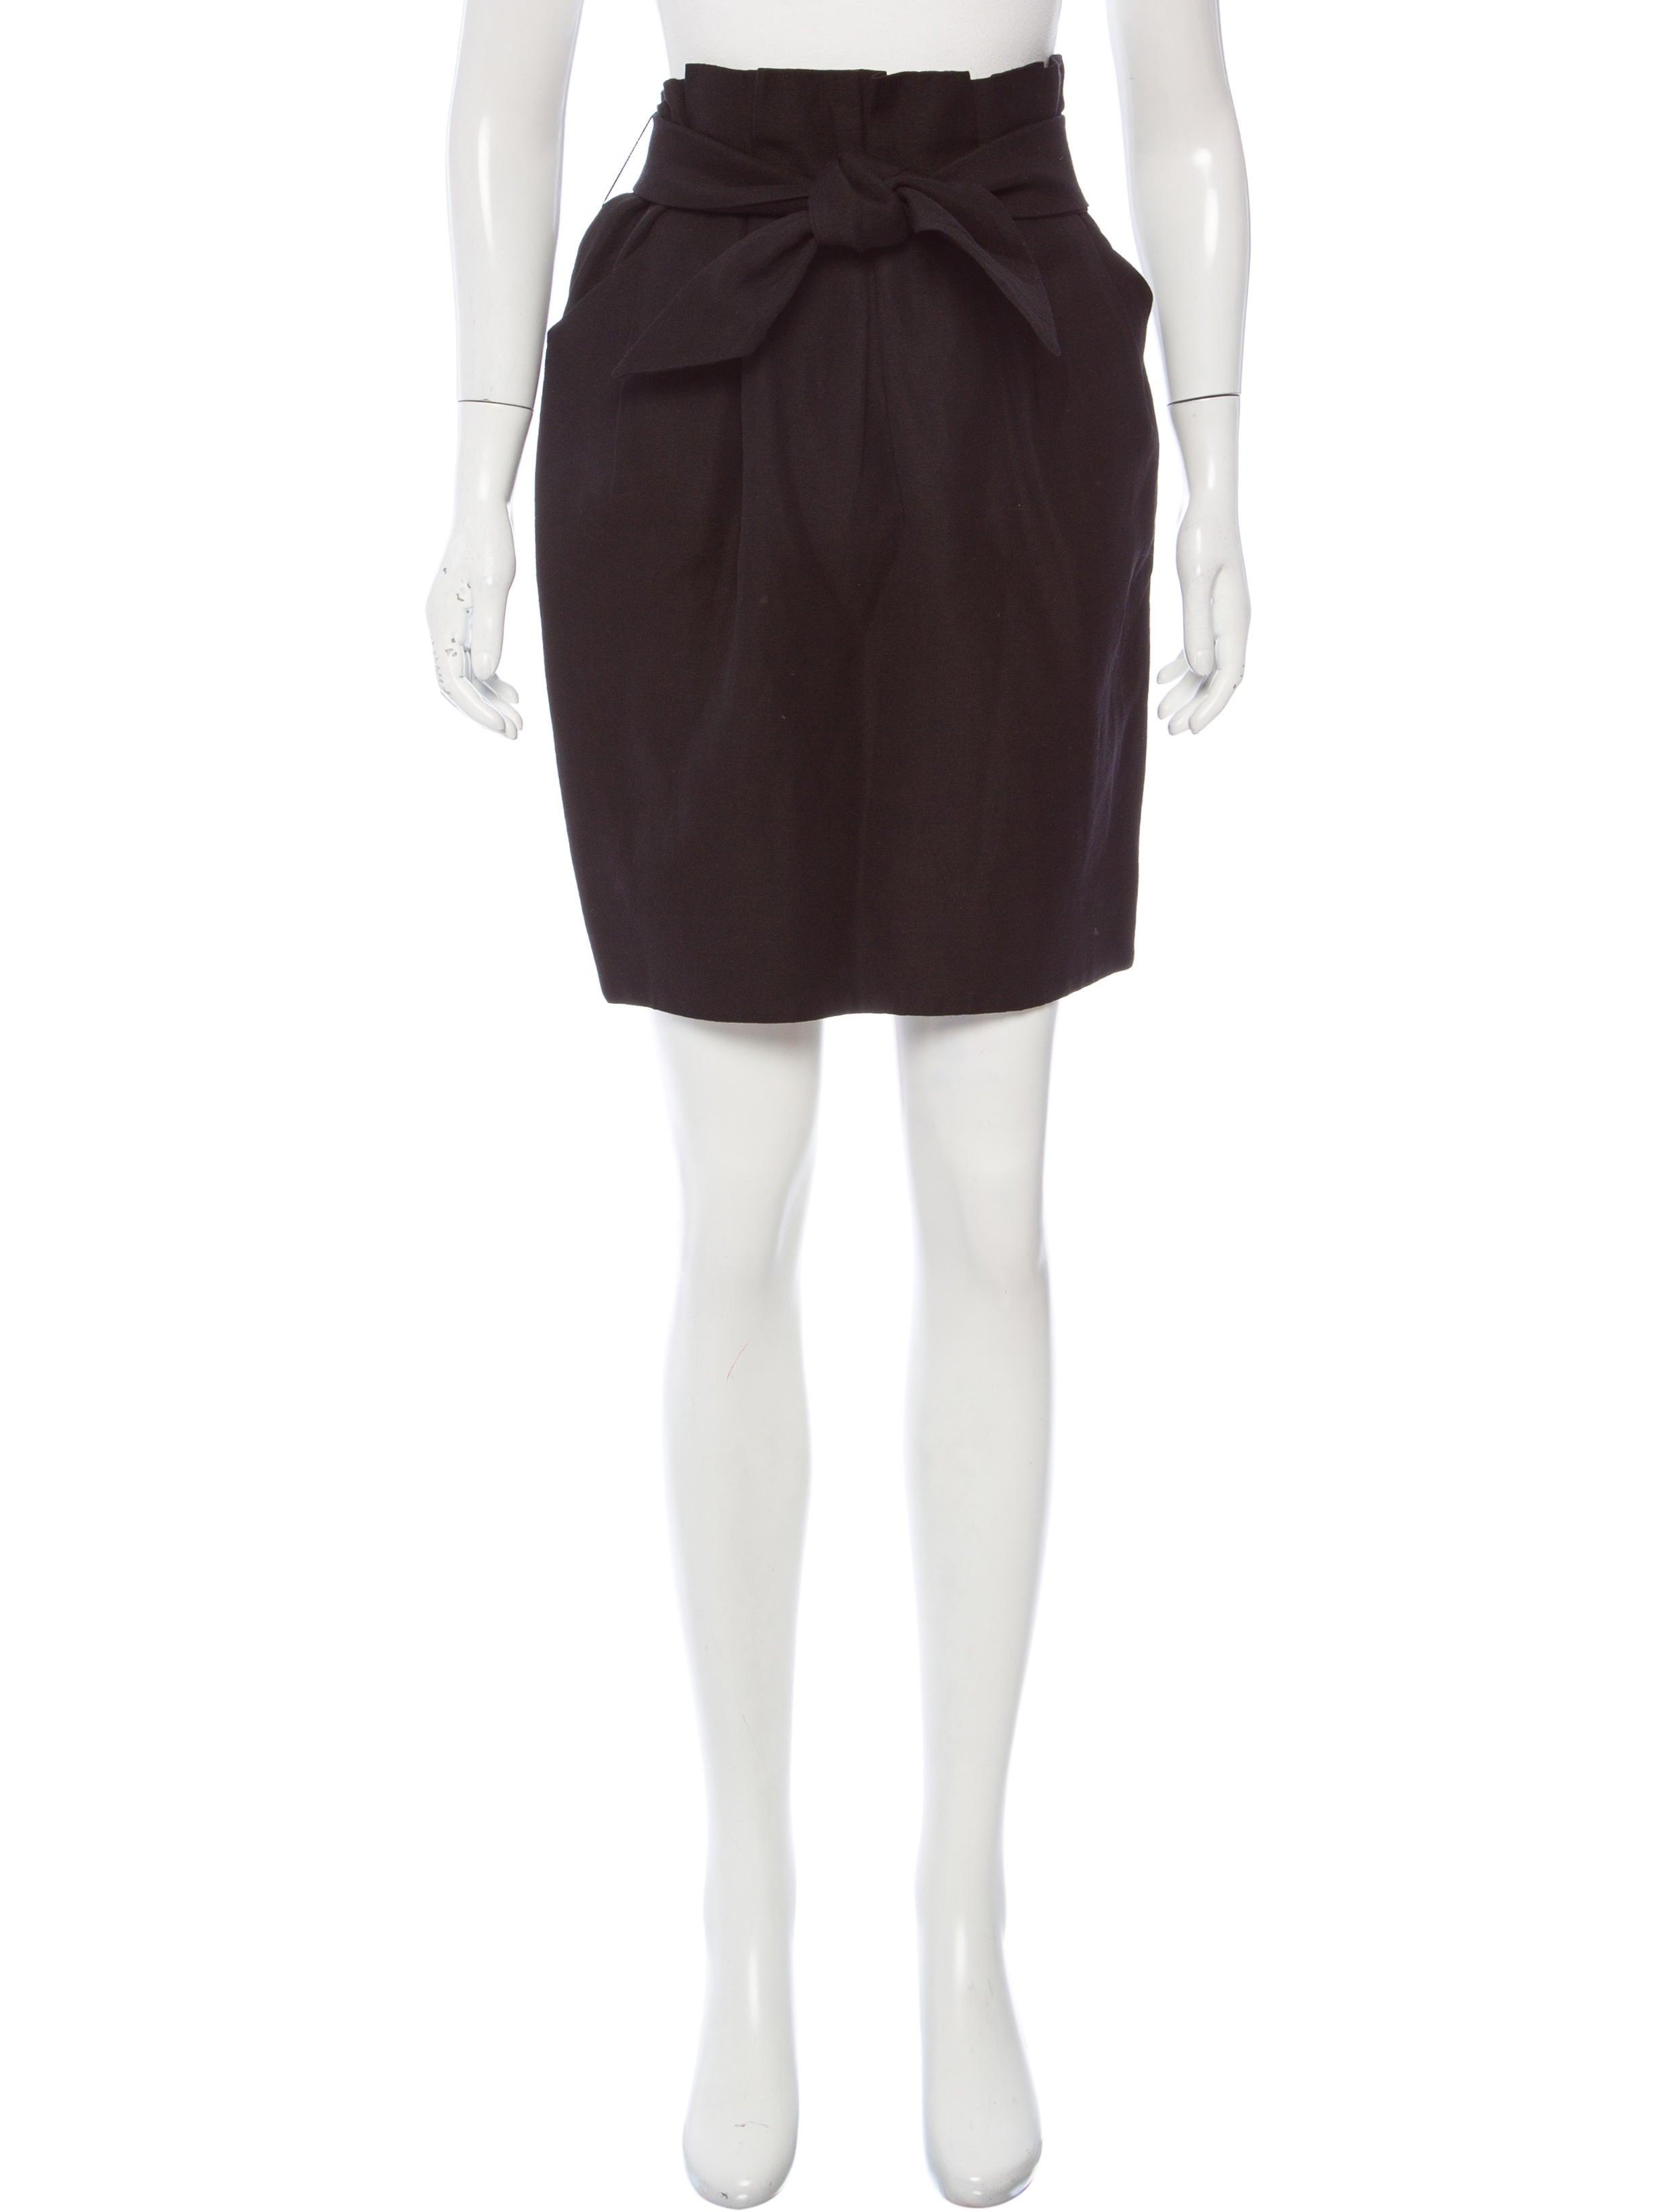 3.1 Phillip Lim Wool & Linen Mini Skirt